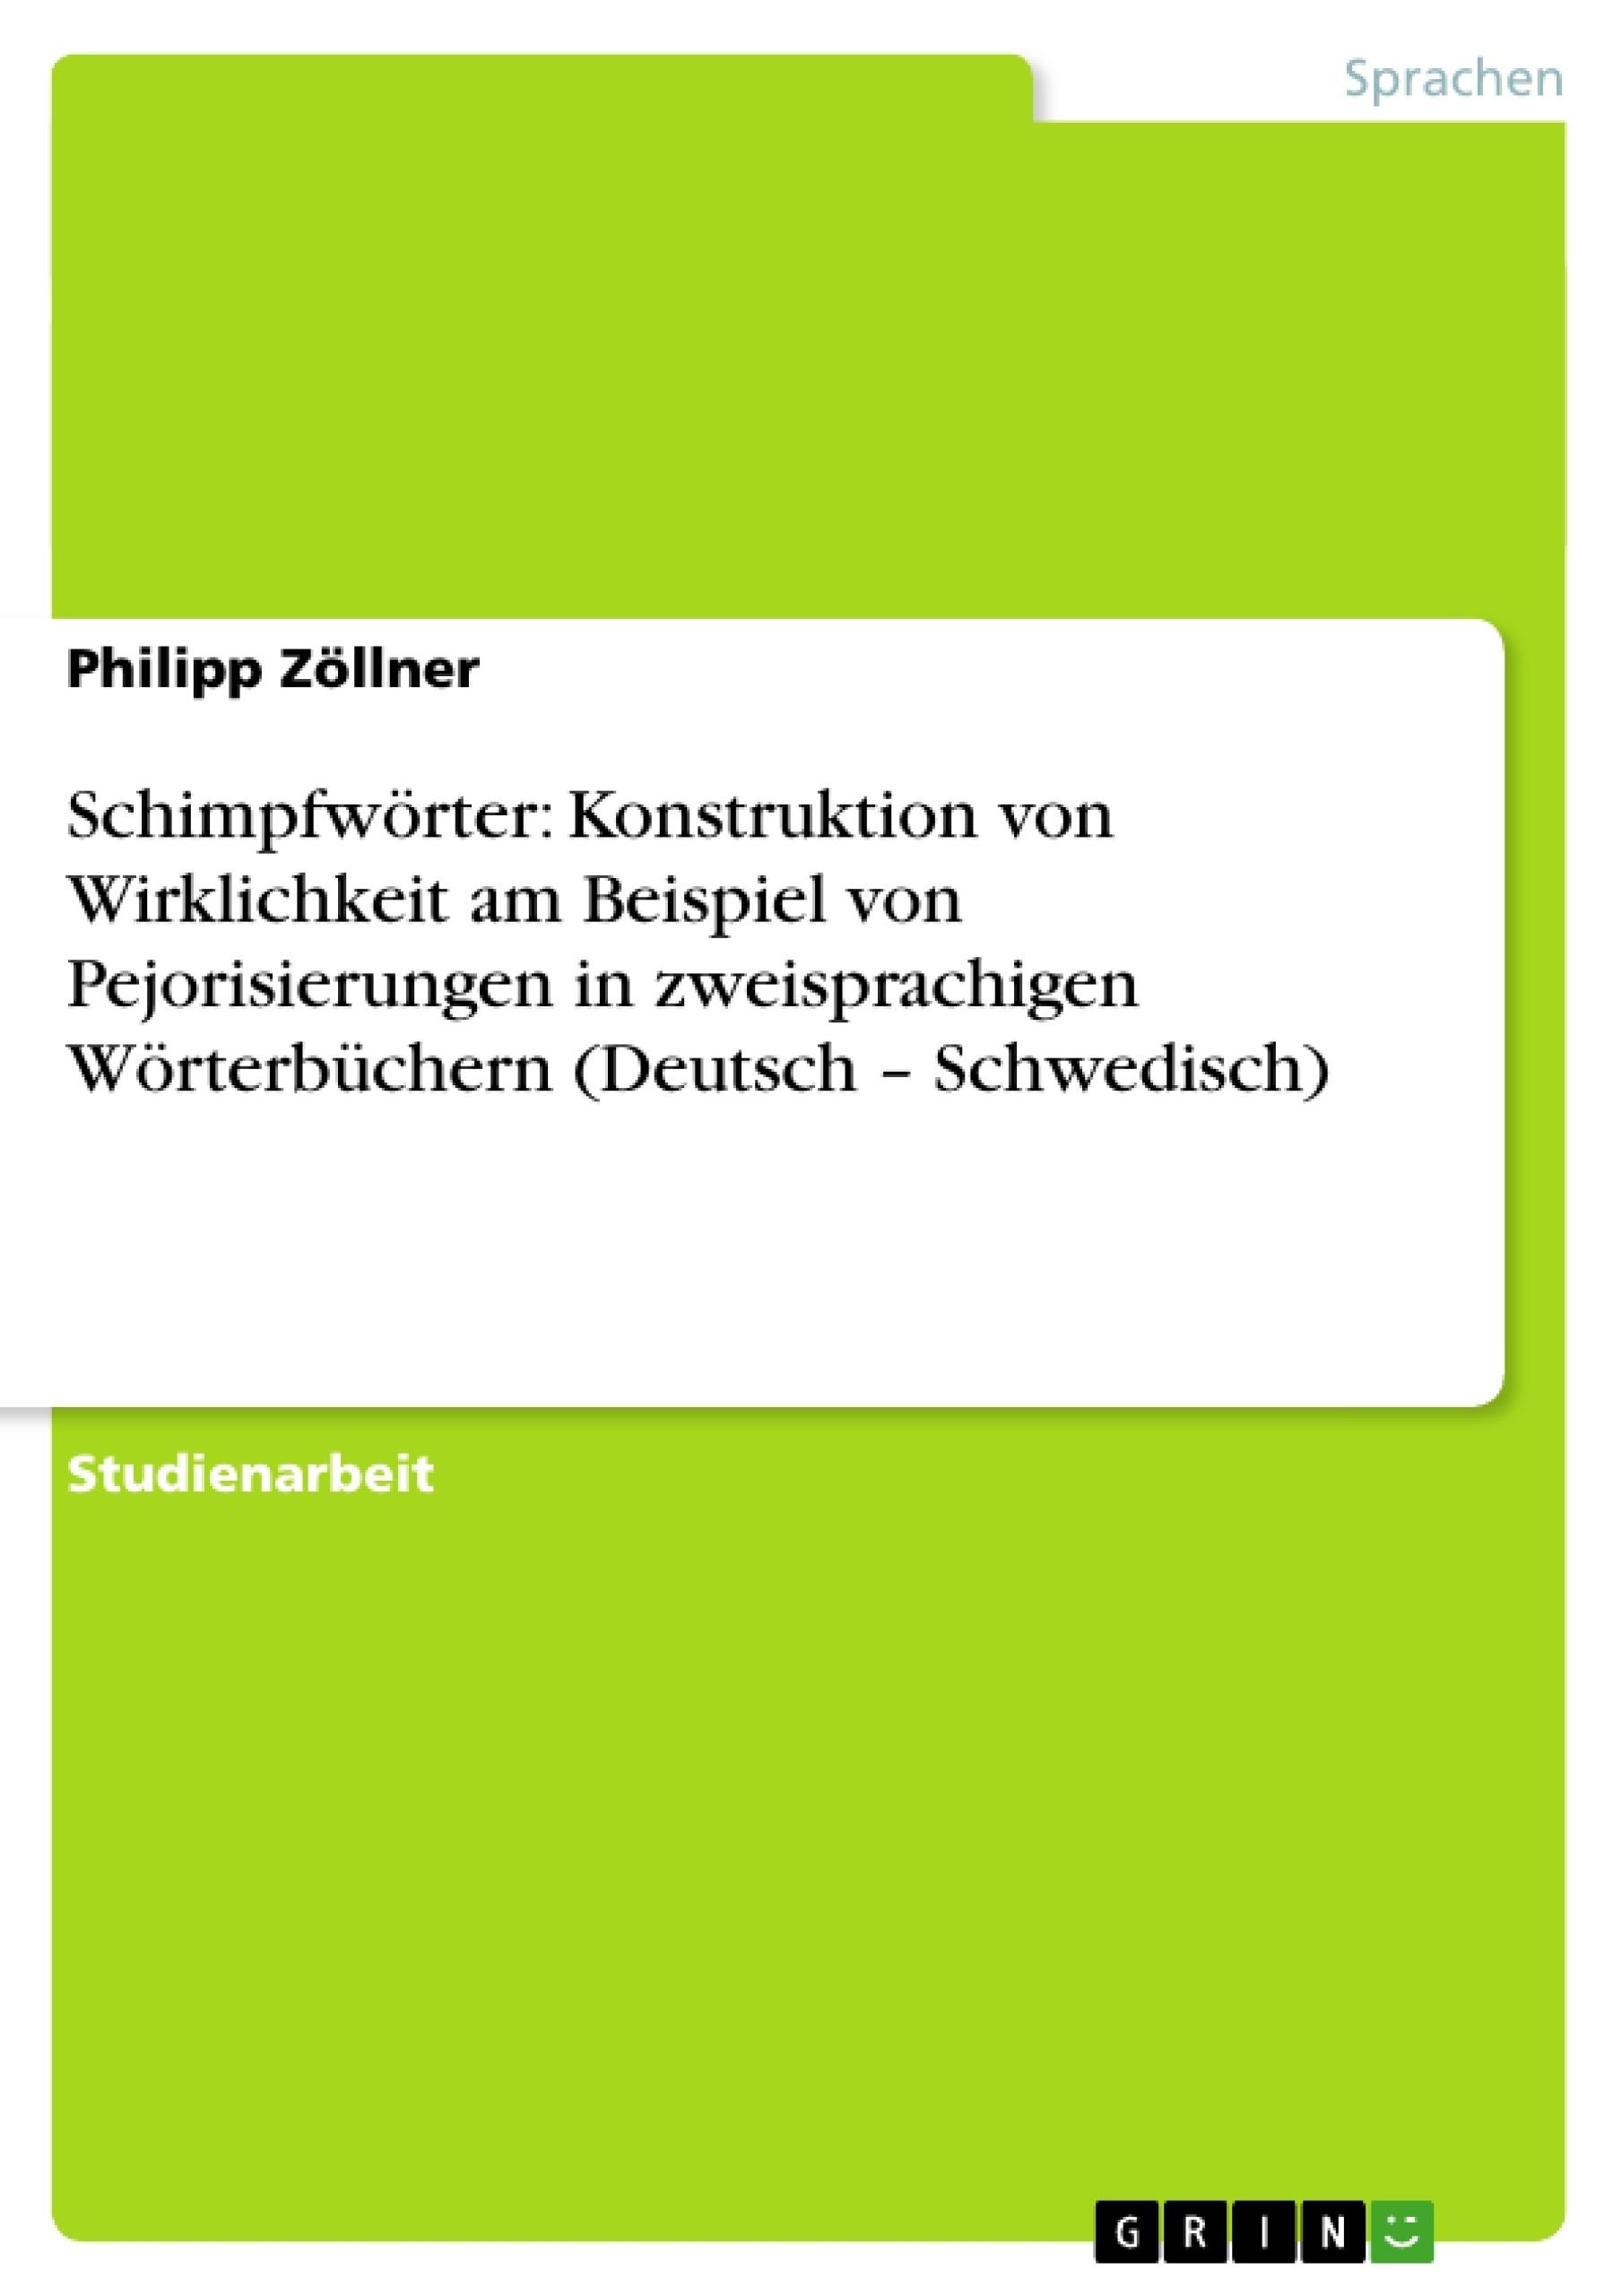 Titel: Schimpfwörter: Konstruktion von Wirklichkeit am Beispiel von Pejorisierungen in zweisprachigen Wörterbüchern (Deutsch – Schwedisch)